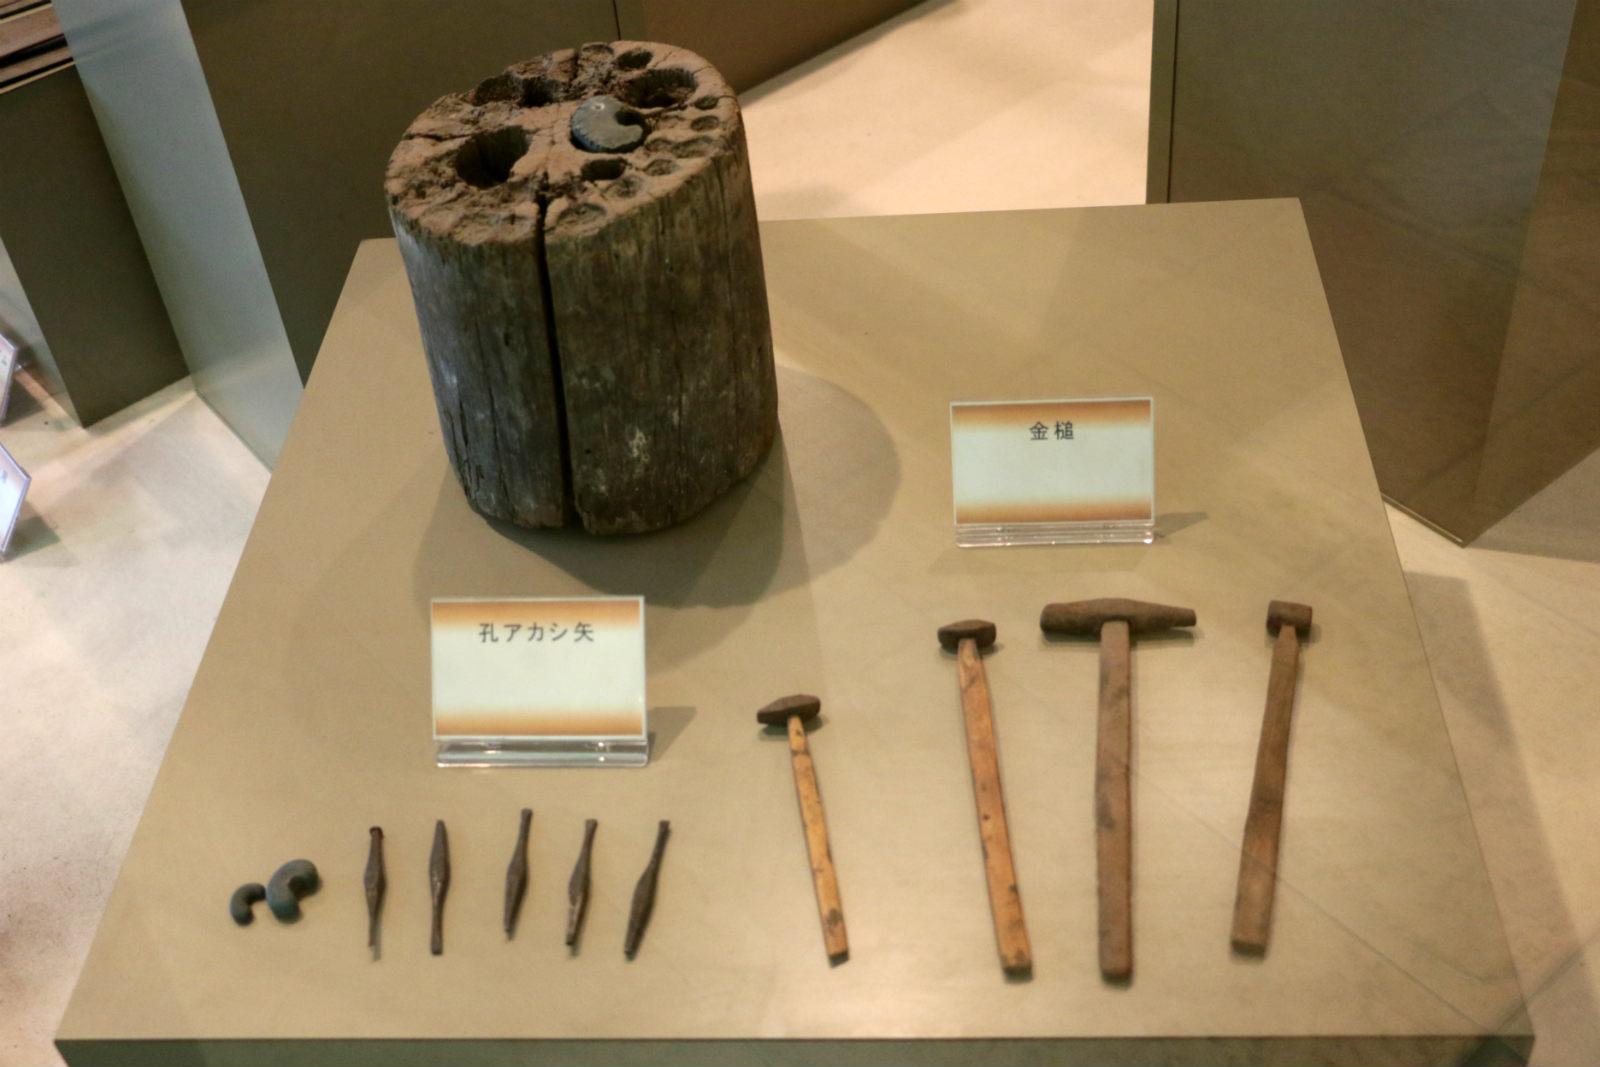 かつての道具の展示。細やかな細工が要ることが伺える